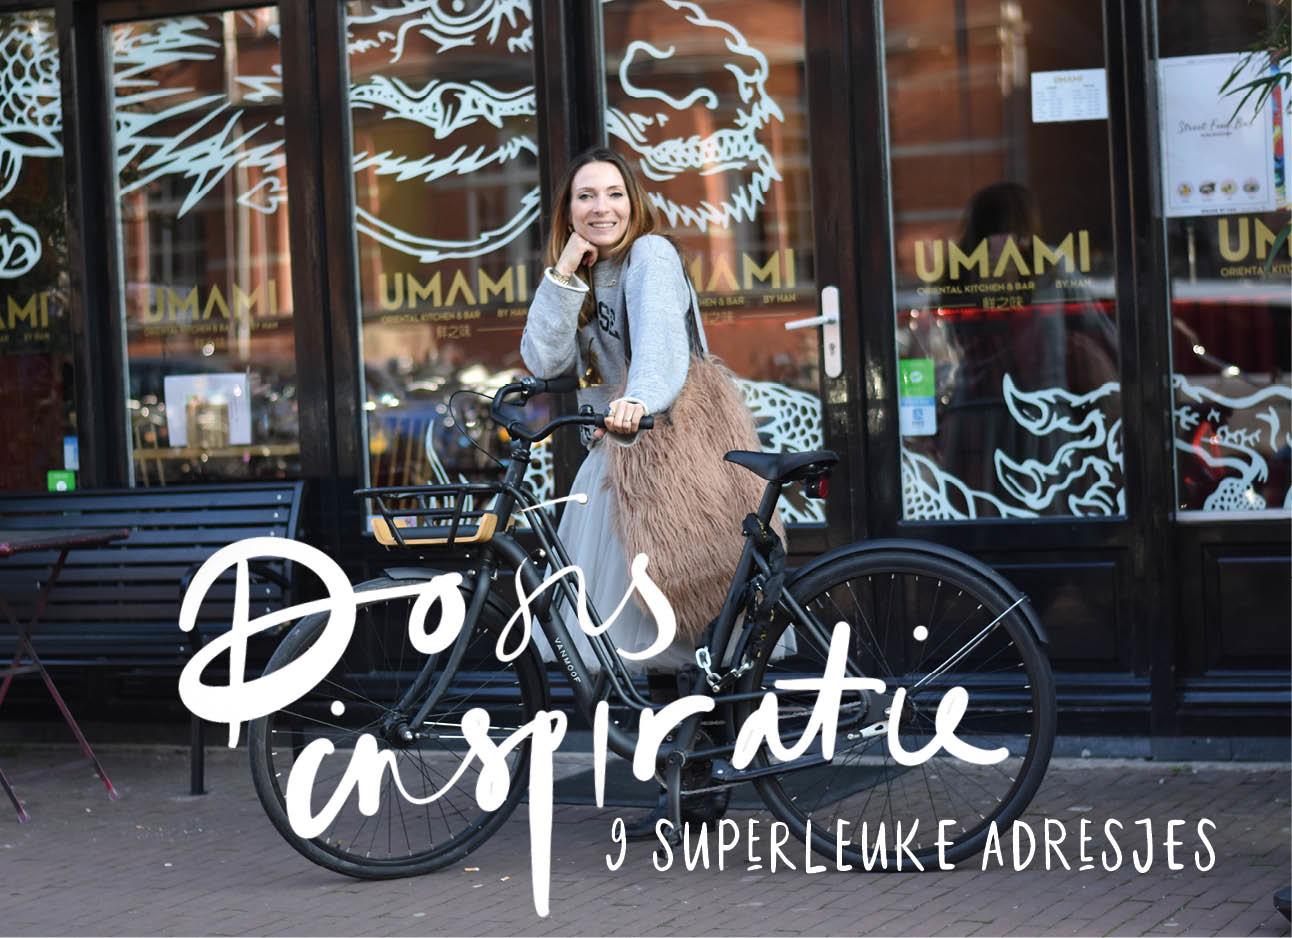 may lachend op de fiets door amsterdam in de straat de Overtoom met een rok en laarzen aan en een pluis tas